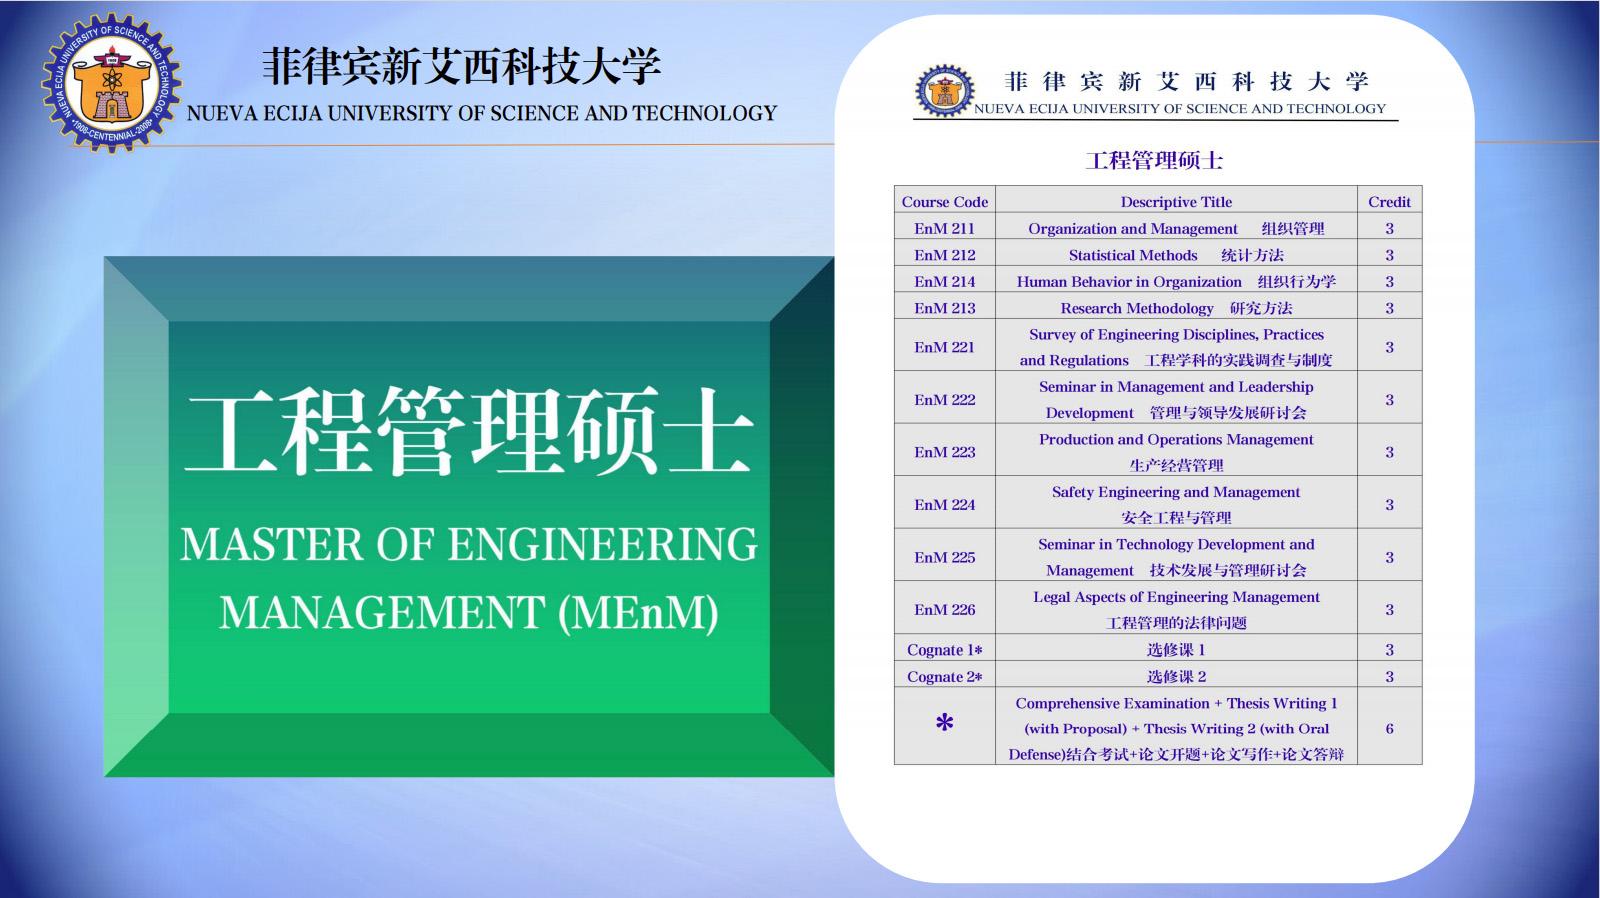 菲律宾新艾西科技大学-工程管理硕士